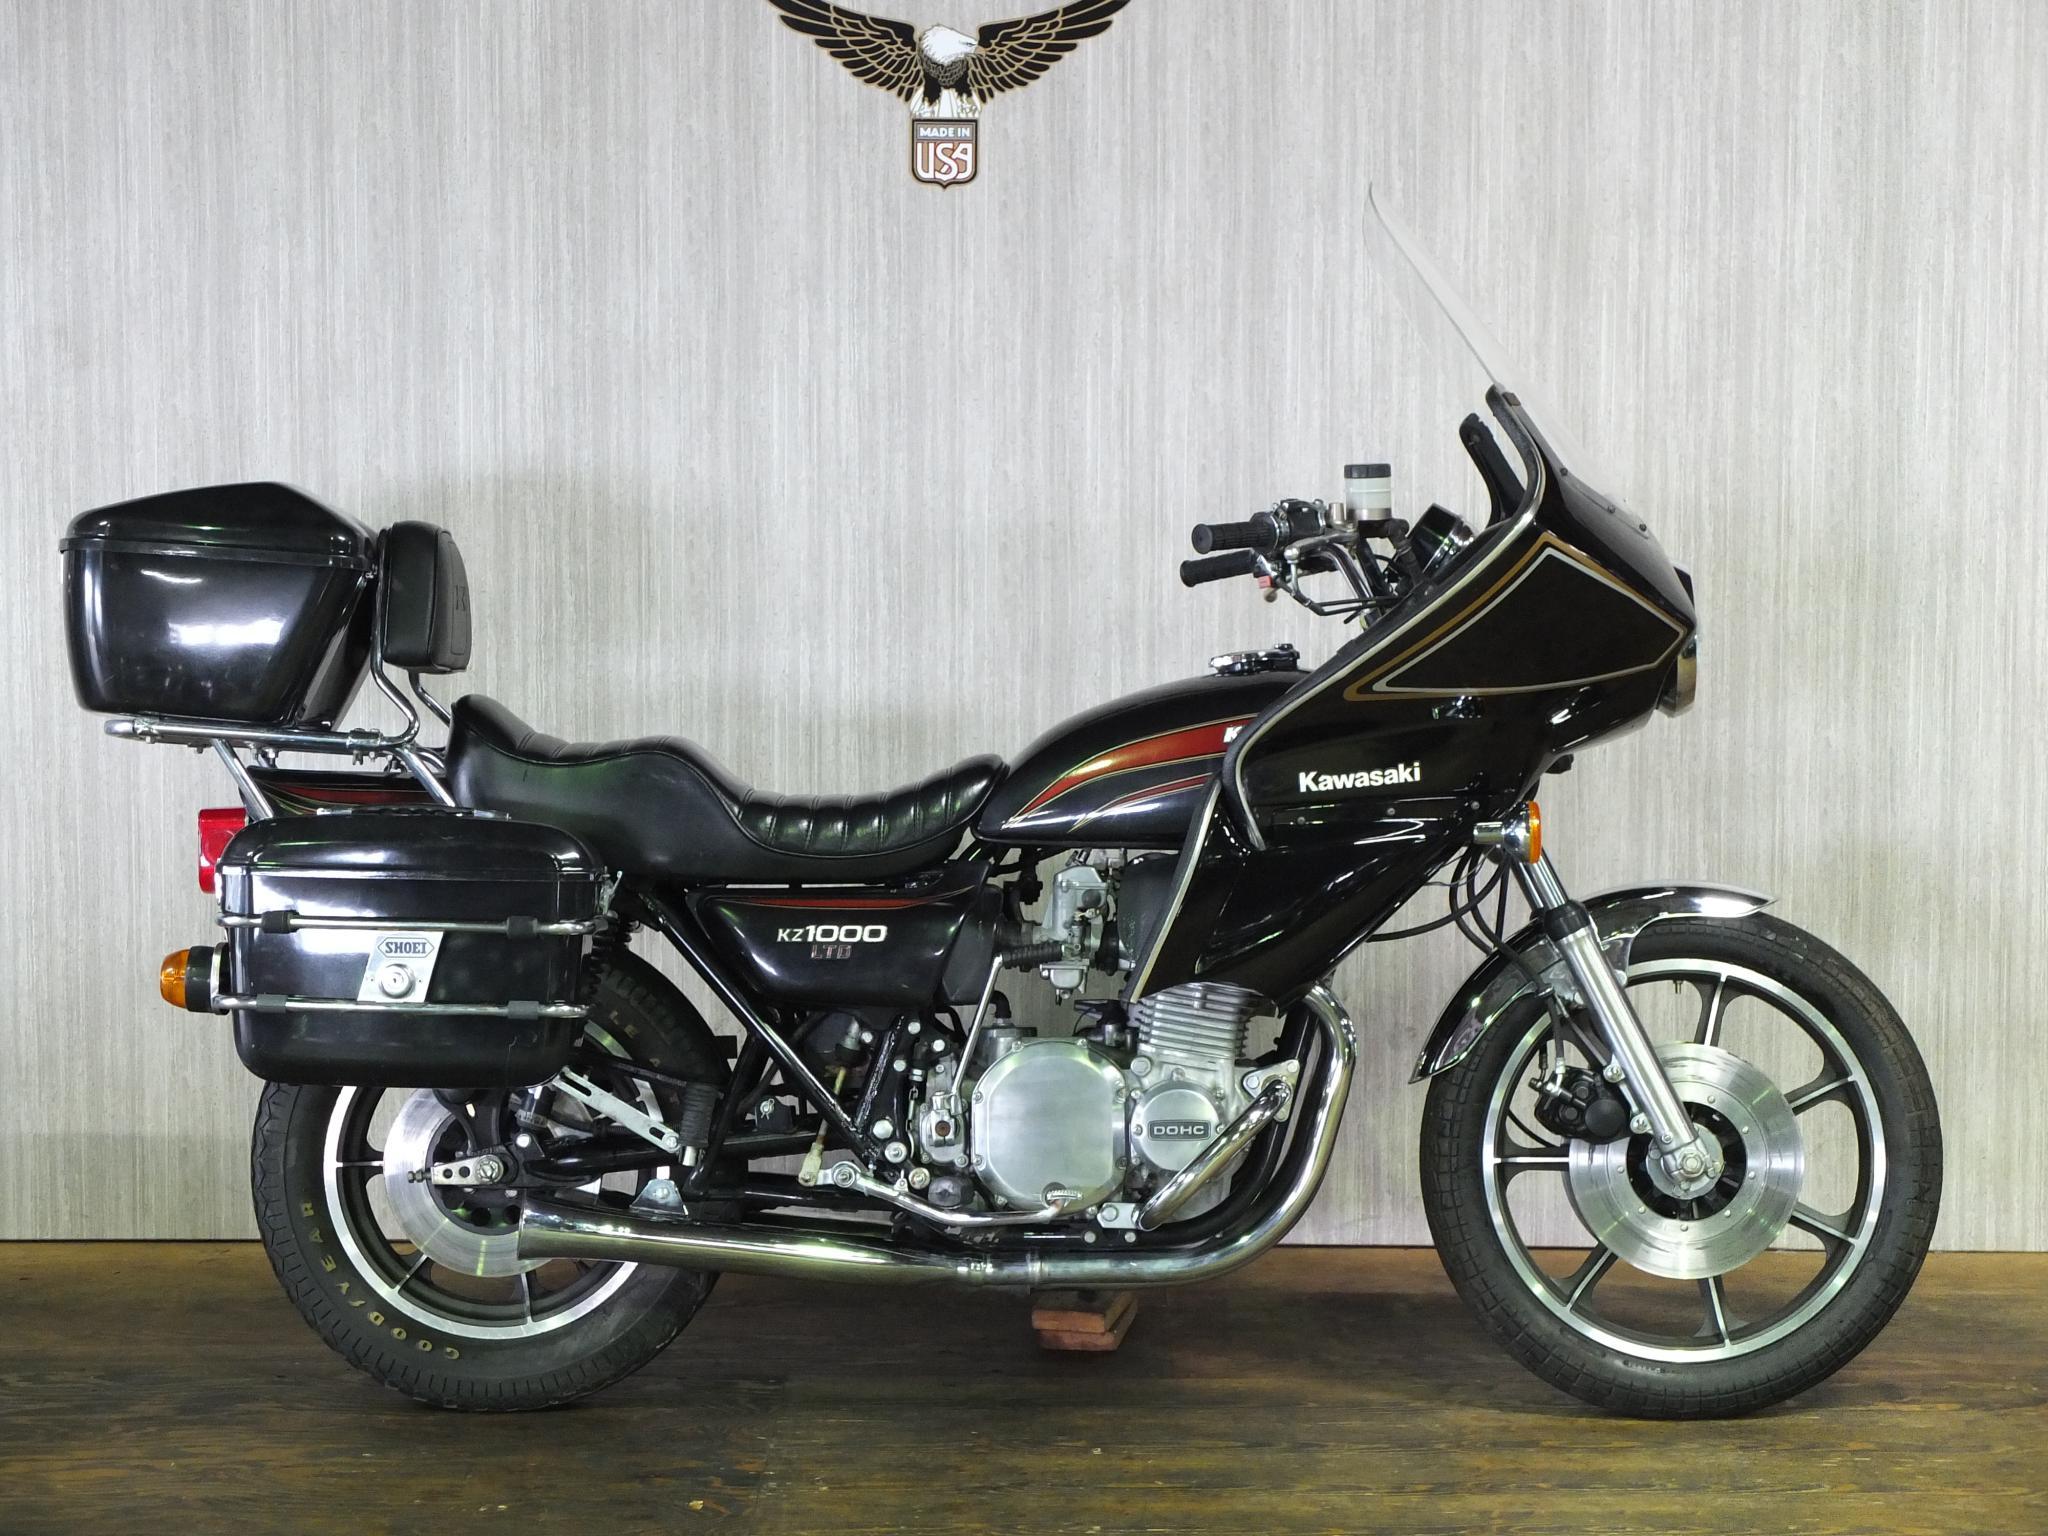 カワサキ 1977 Kawasaki KZ1000 LTD 車体写真1